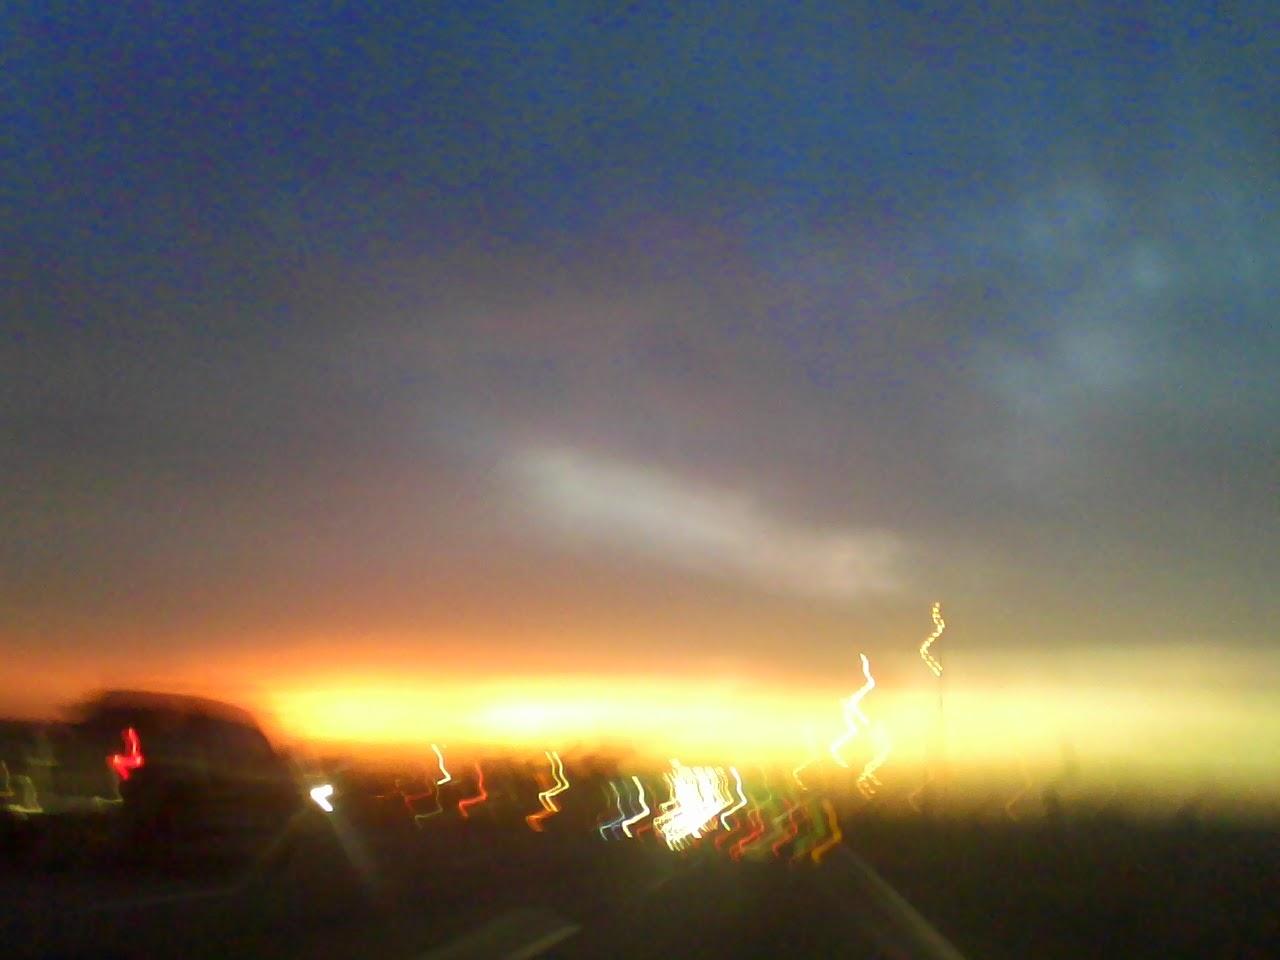 Sky - 1111062644.jpg